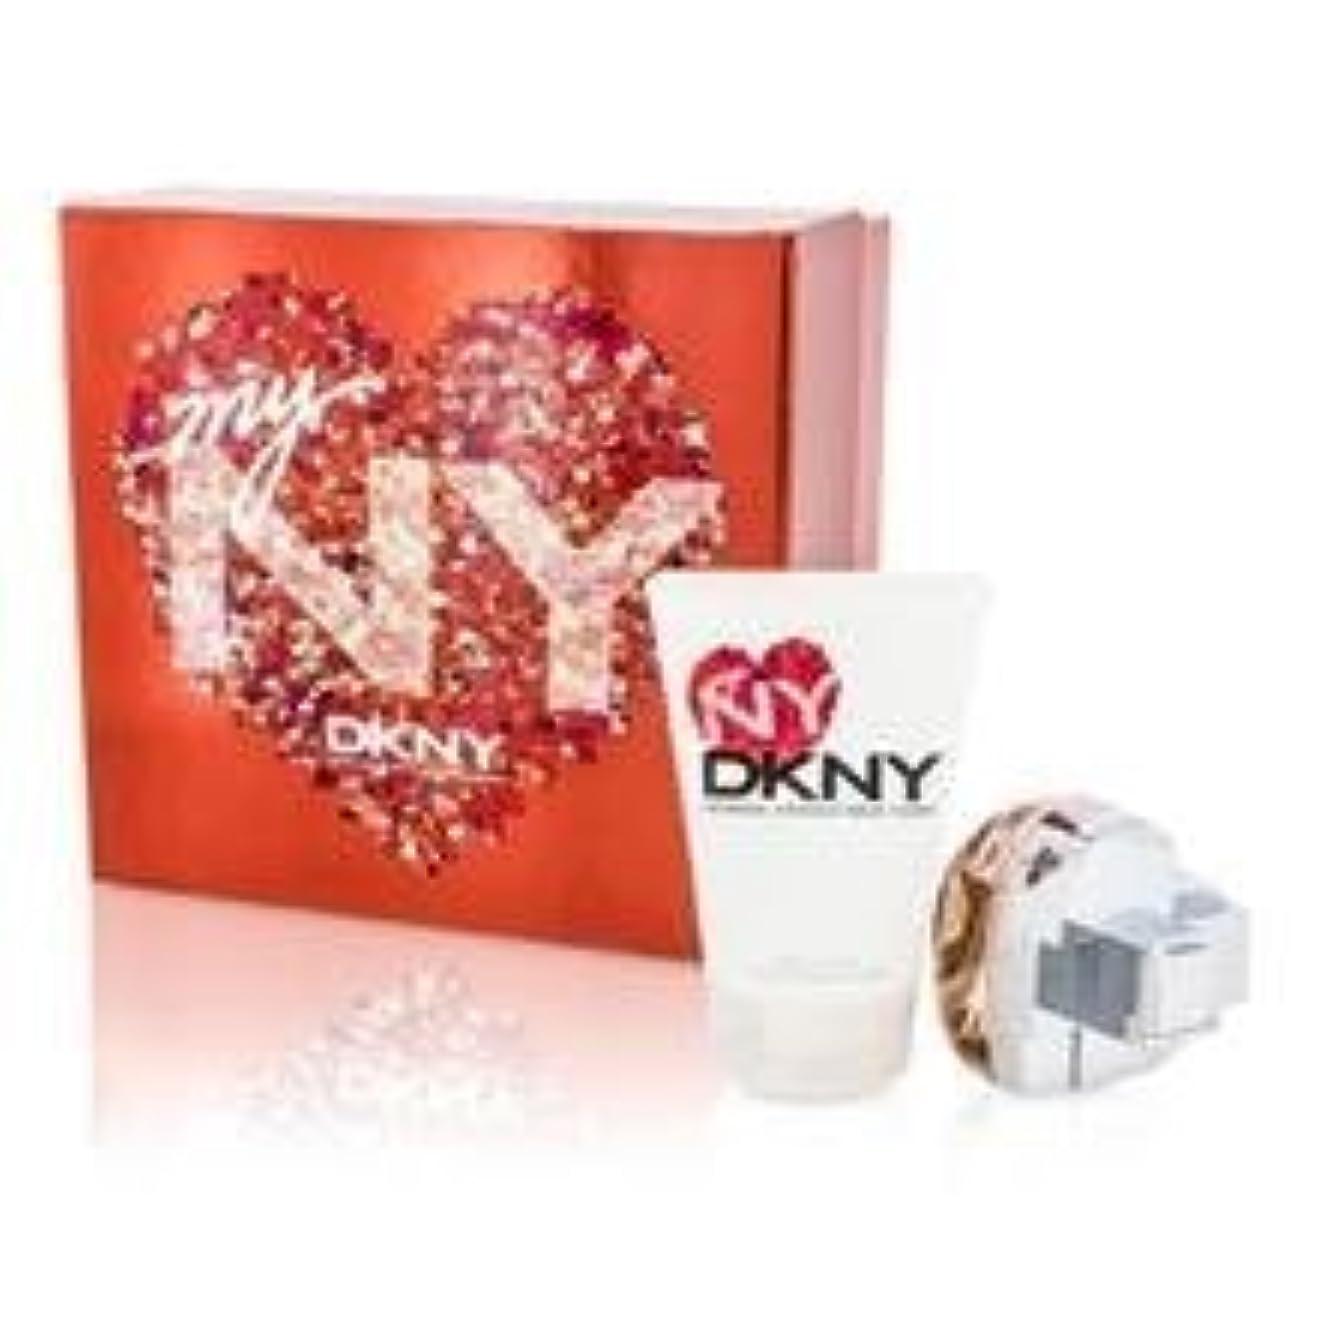 楽観検出する抜粋DKNY My NY The Heart Of The City Coffret: Eau De Parfum Spray 50ml/1.7oz + Body Lotion 100ml/3.4oz 2pcs並行輸入品